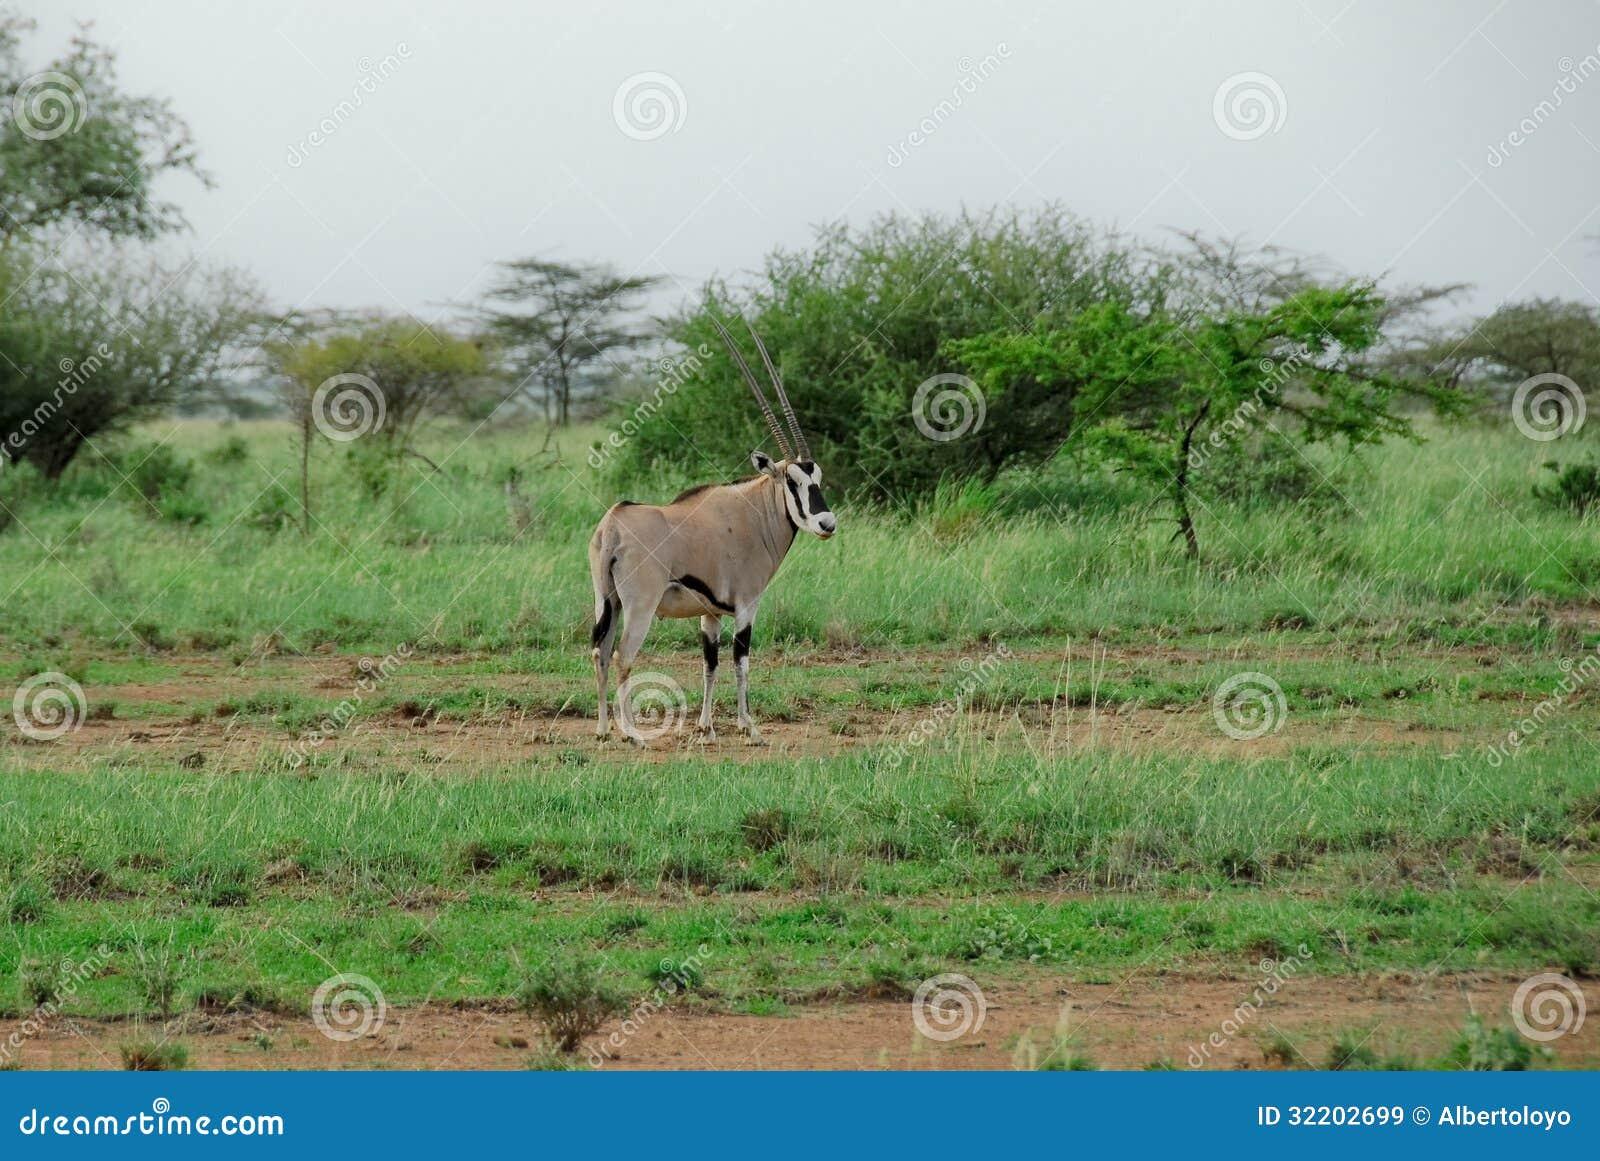 Газель сернобыка, затопленный национальный парк (Эфиопия)